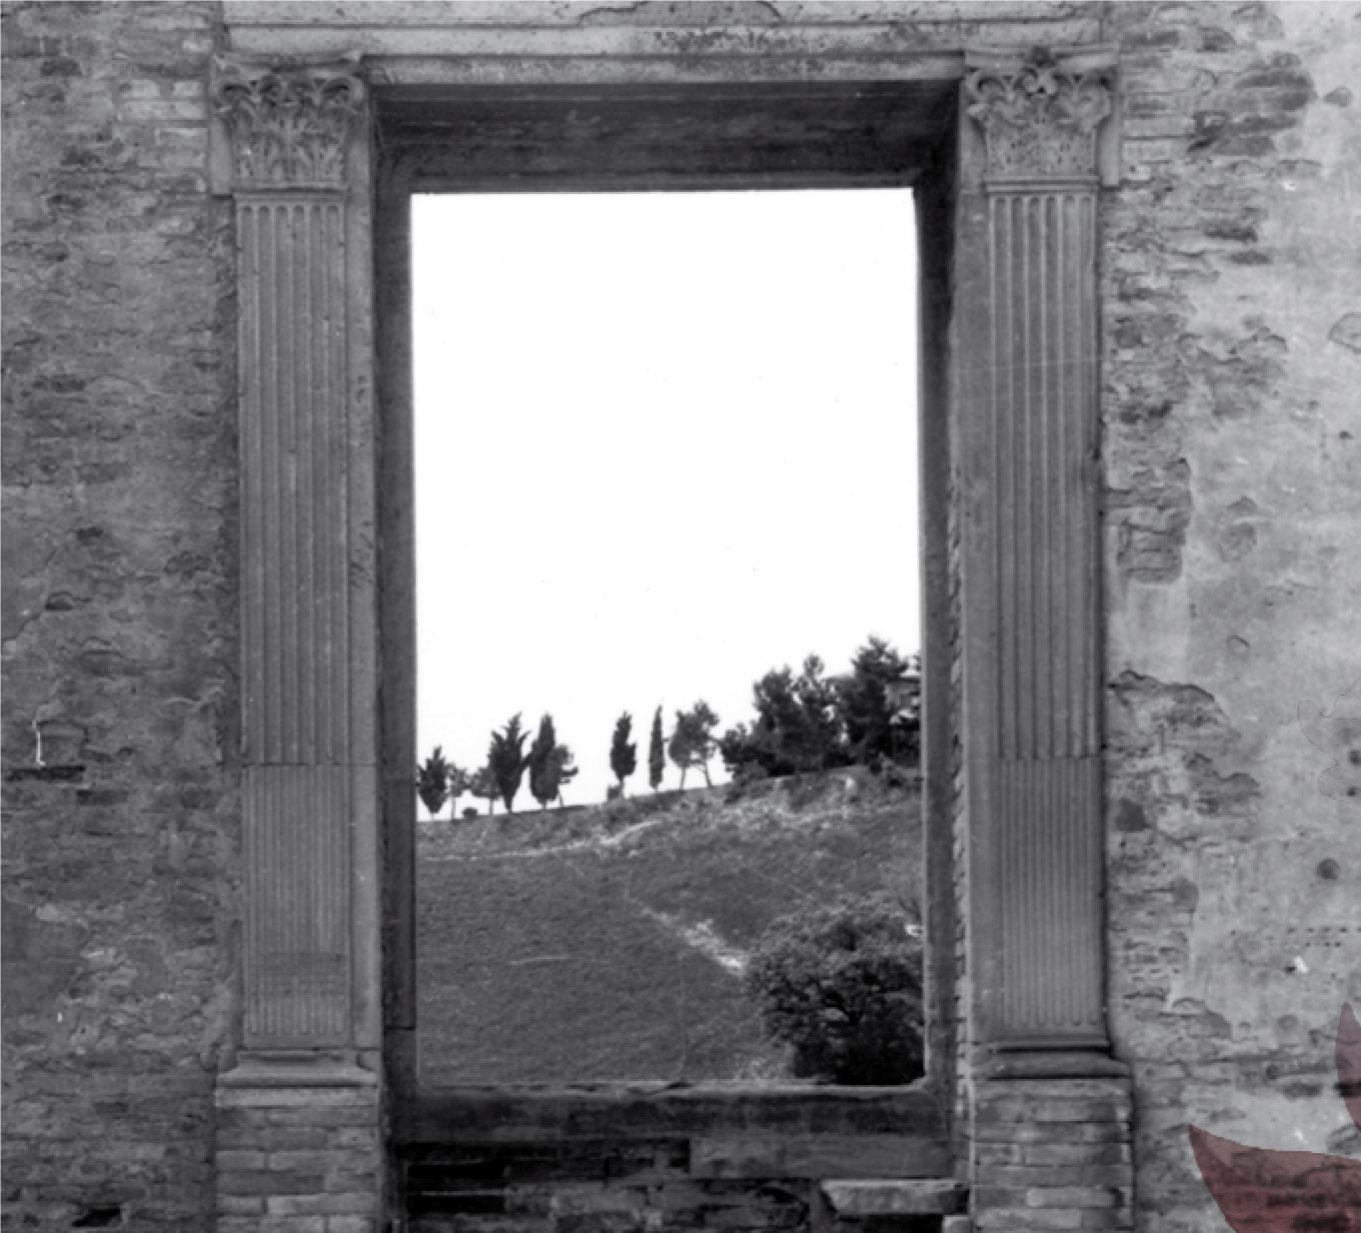 Il restauro del giardino d 39 inverno tele2000 - Giardino pensile ...